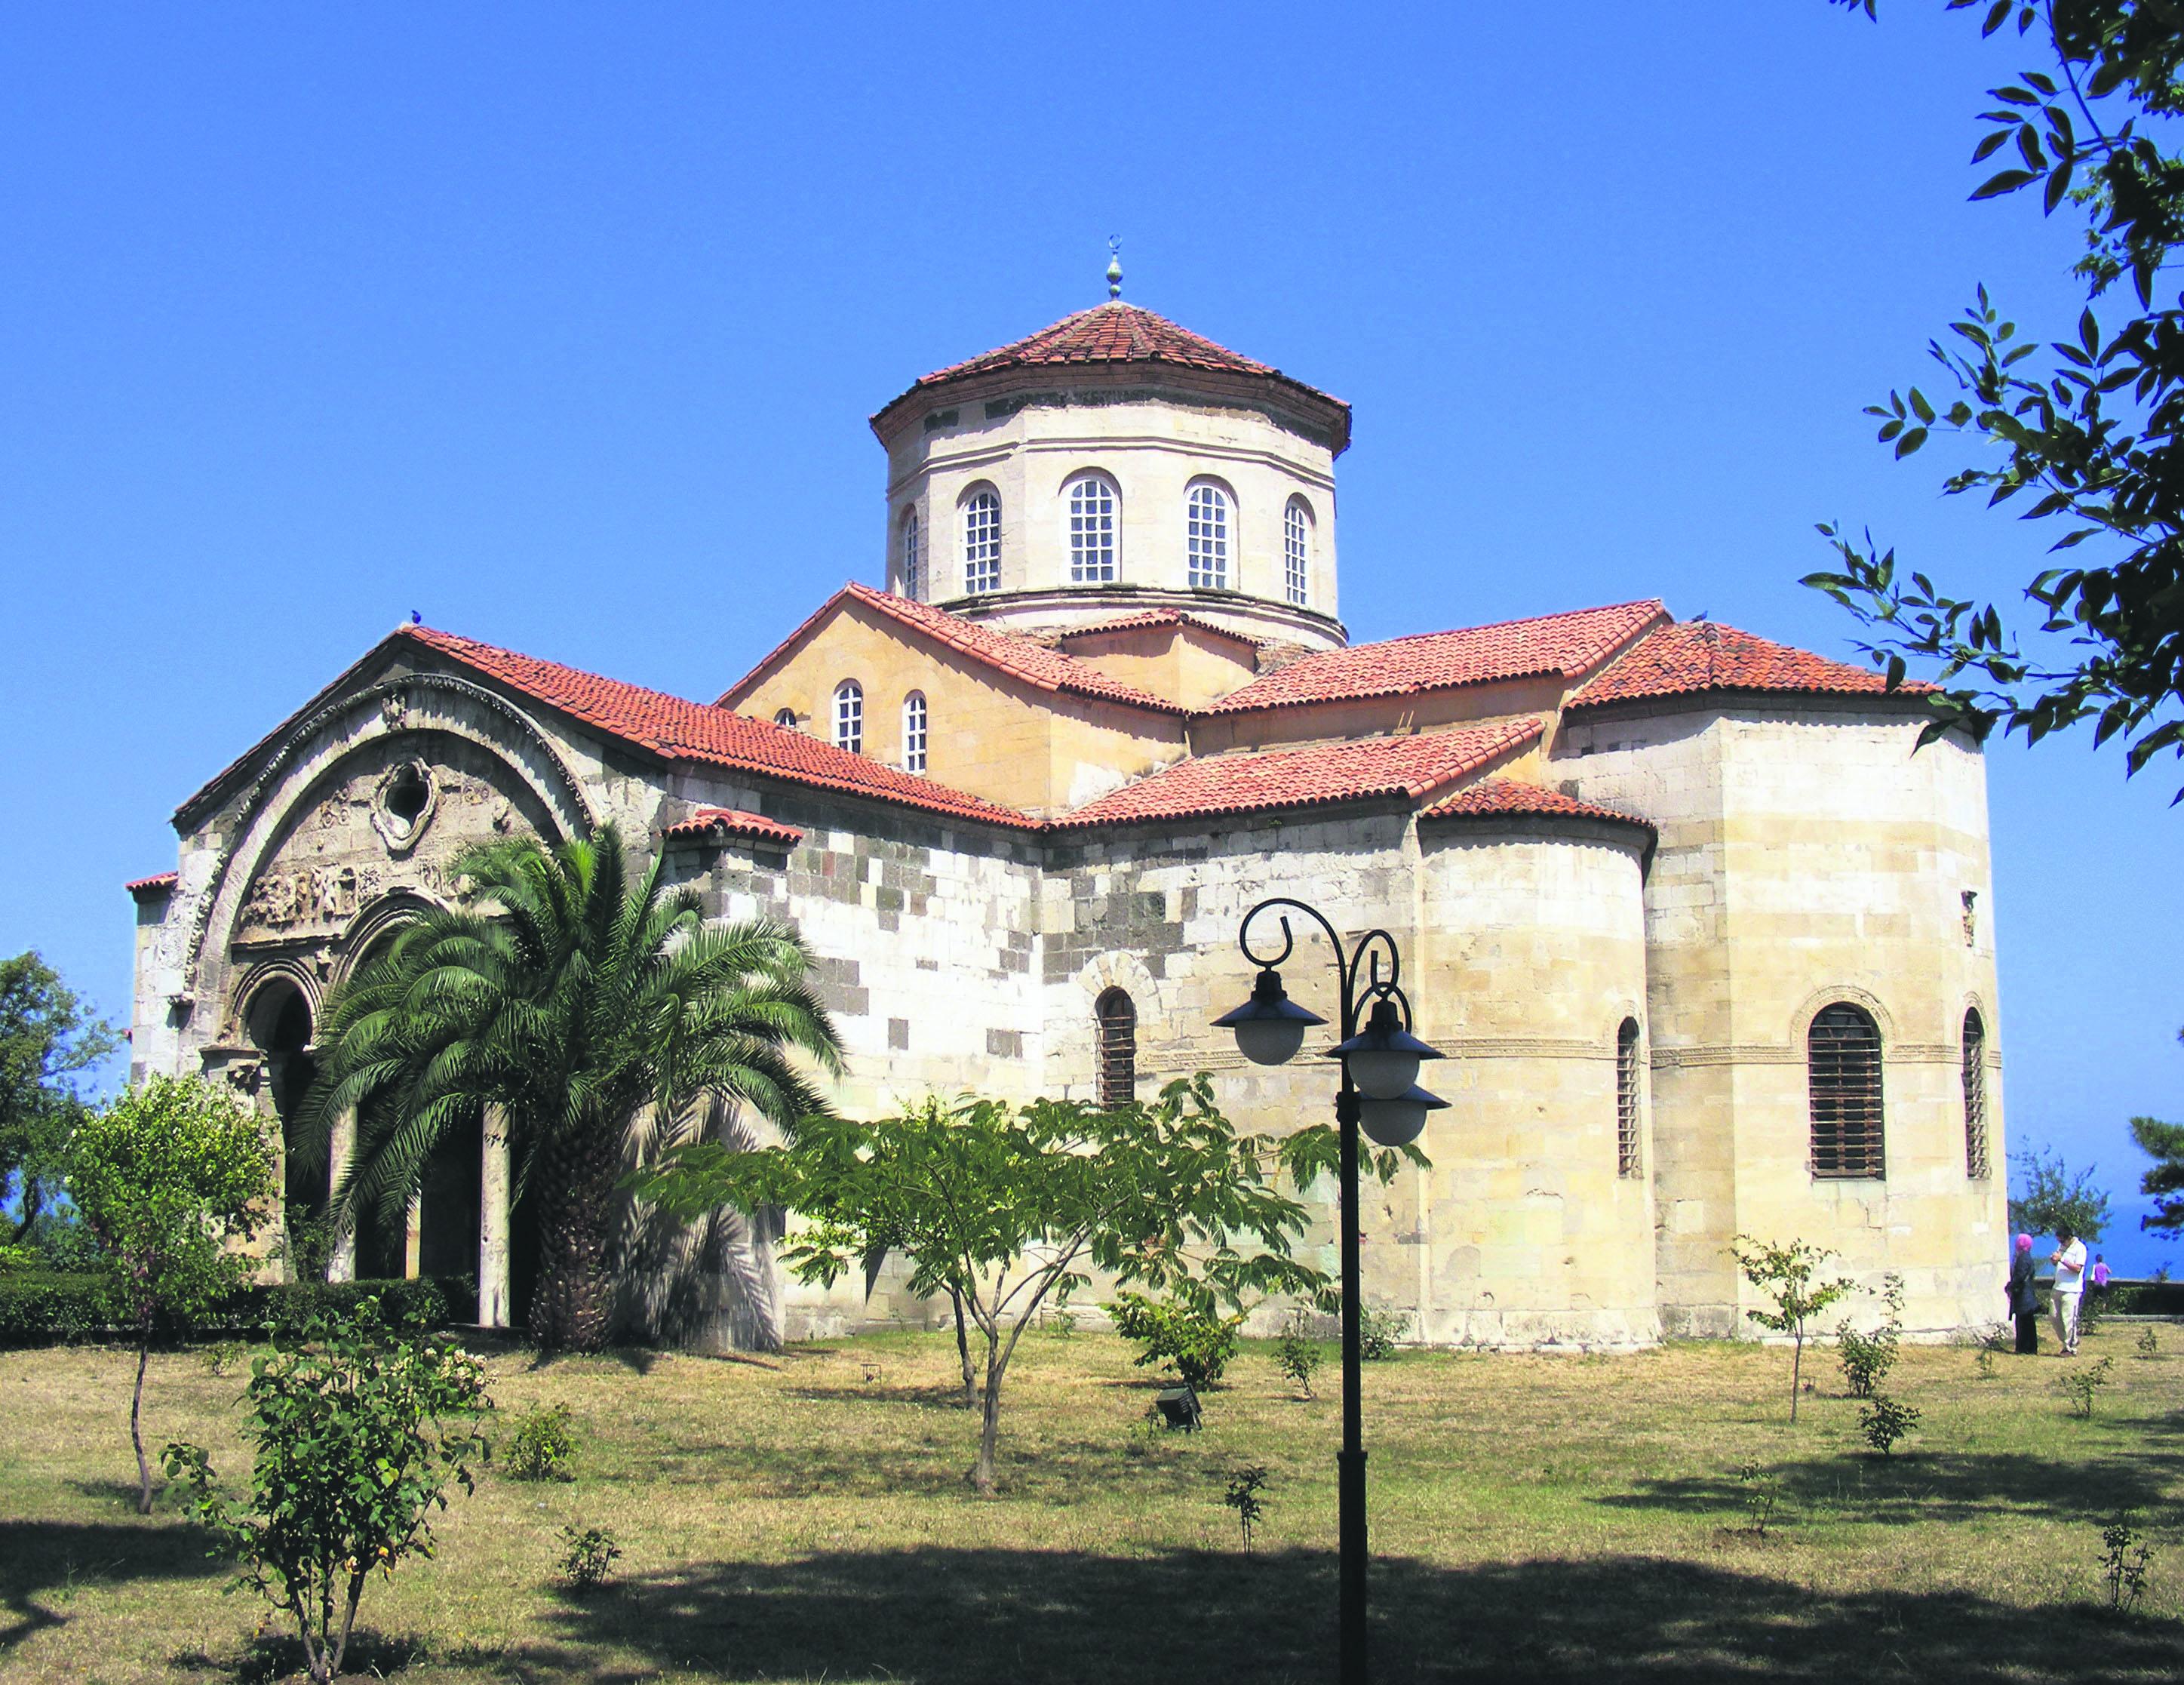 Trabzon's Aya Sofya Mosque